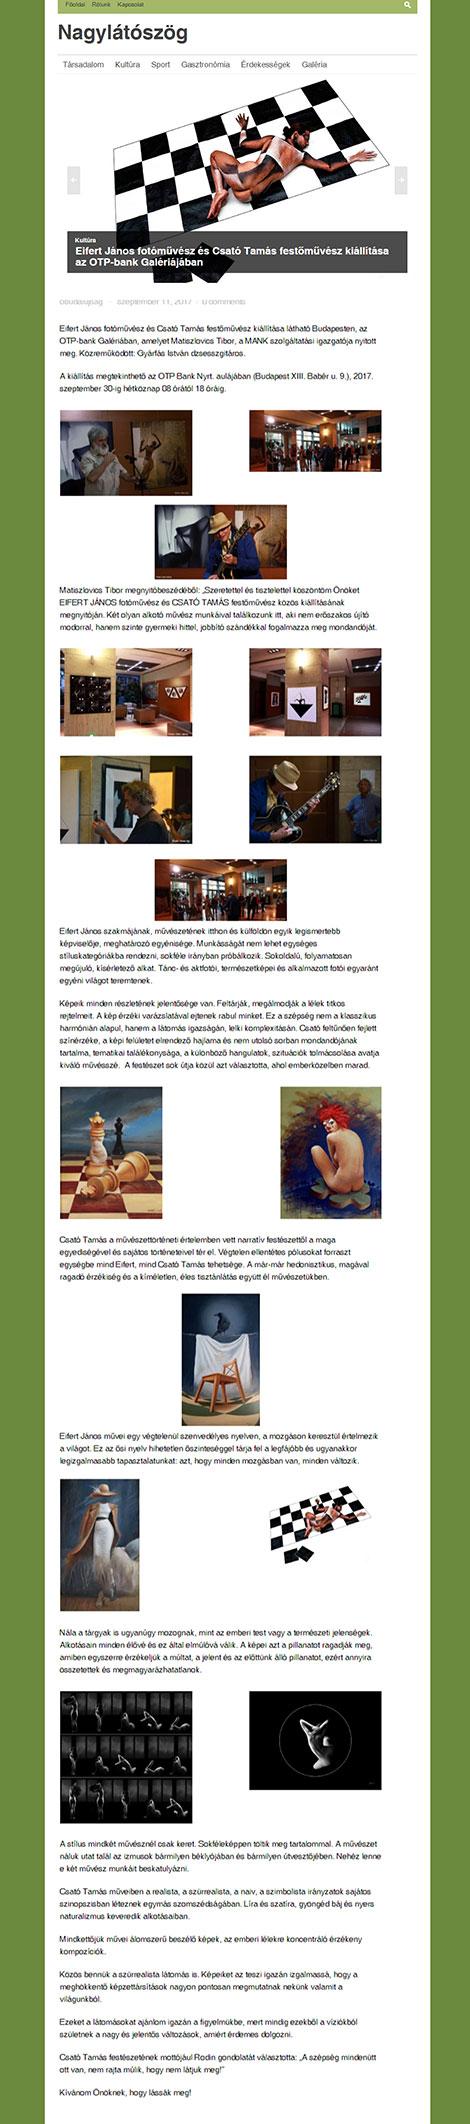 2017.09.11.-Ngylatószög.hu_Eifert-János-fotóművész-és-Csató-Tamás-festőművész-kiállítása-az-OTP-bank-galériájában